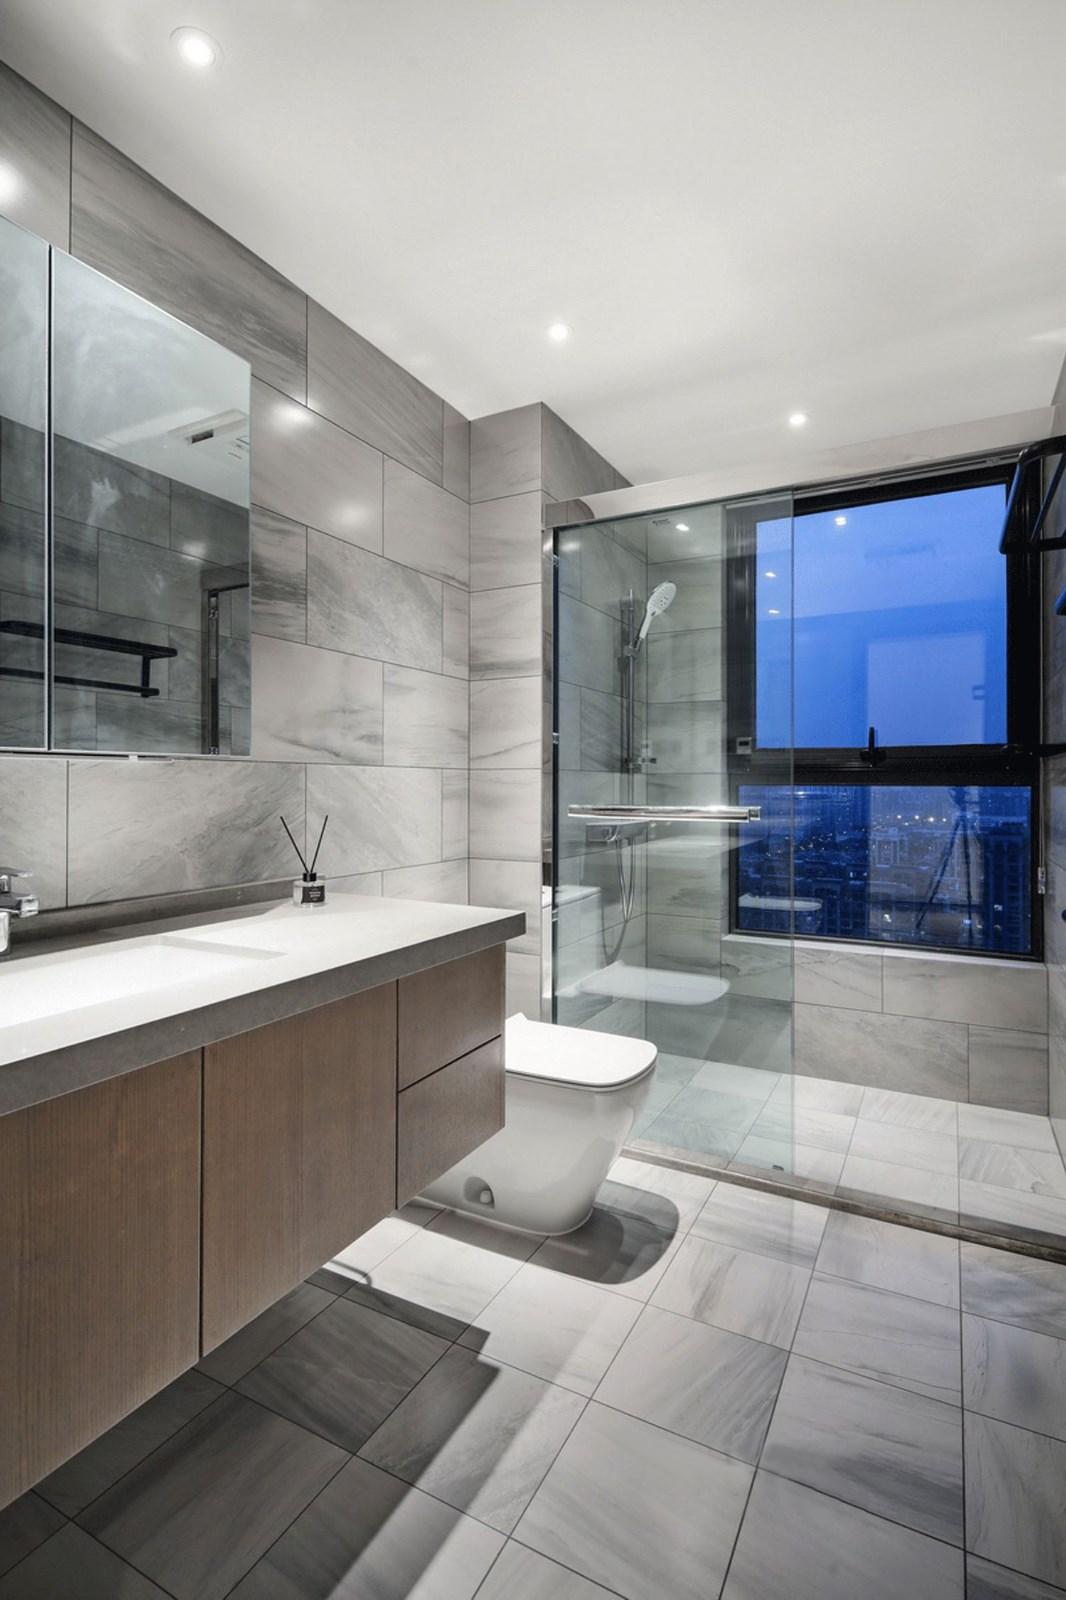 2021现代简约浴室设计图片 2021现代简约细节装饰设计